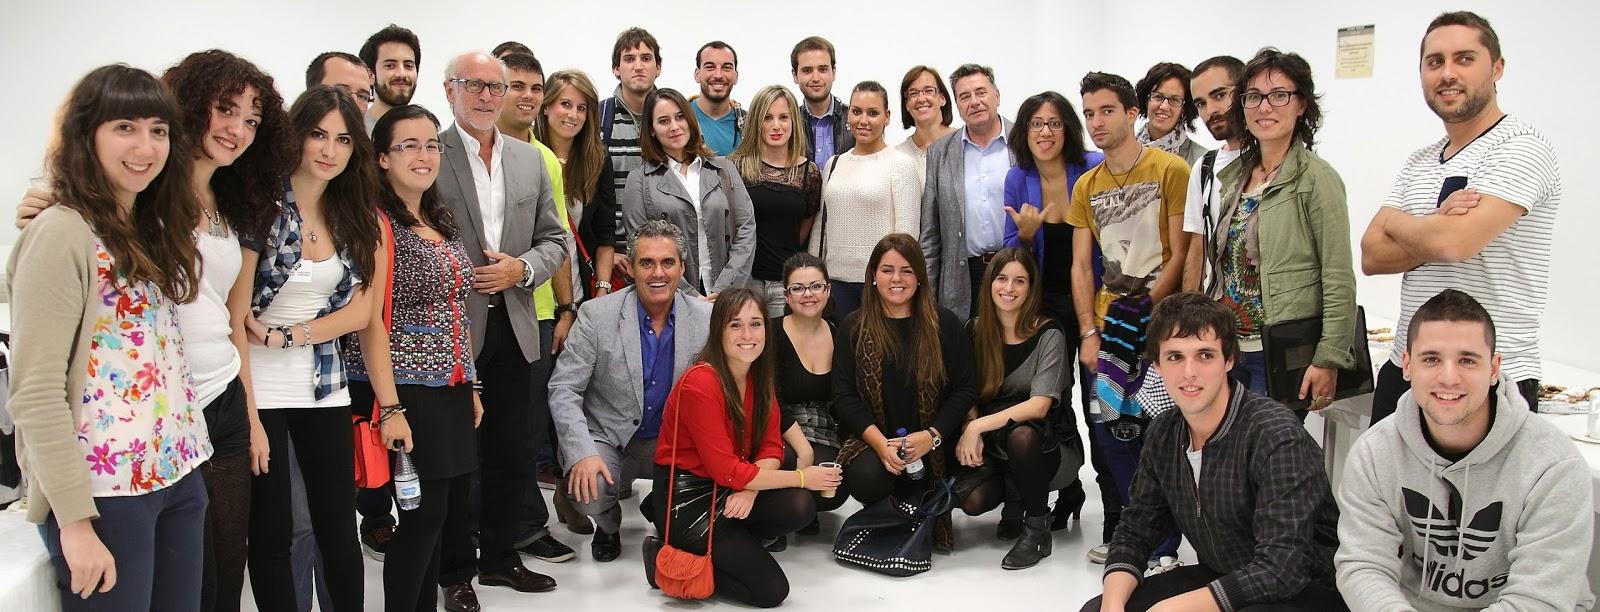 Inauguración Máster en Comunicación Corporativa 2013/14